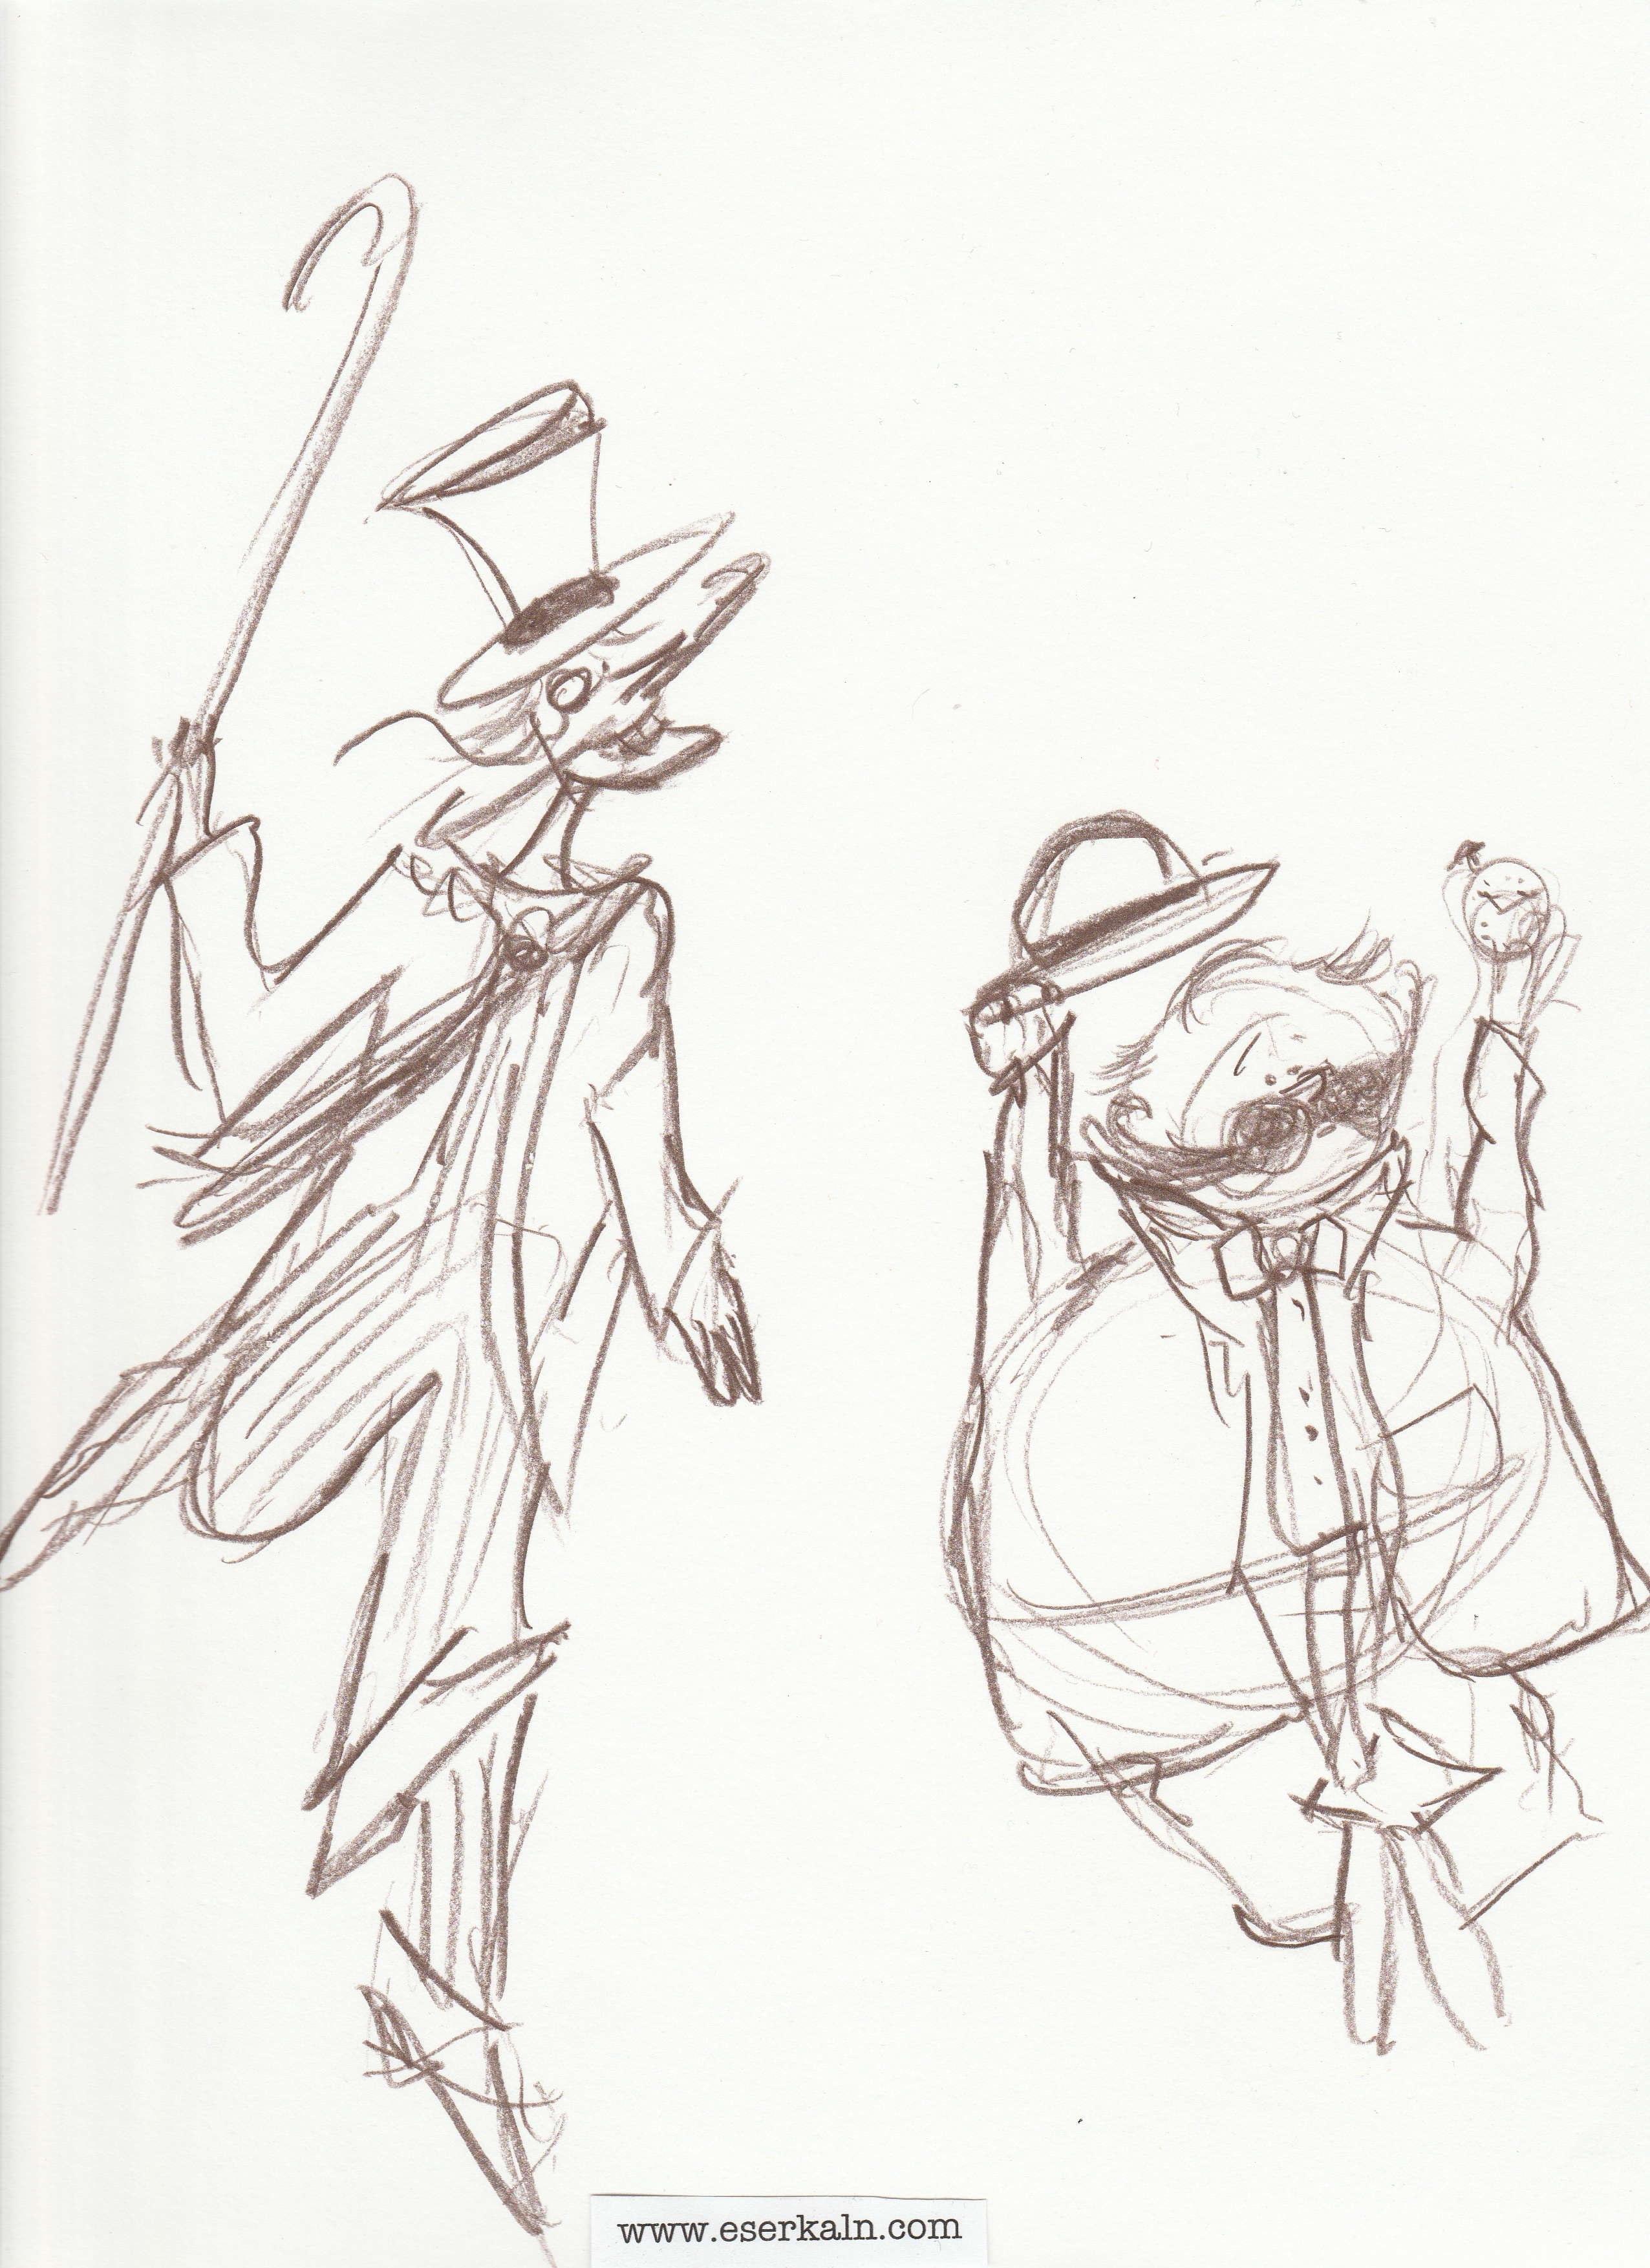 Byron & Bing Sketch